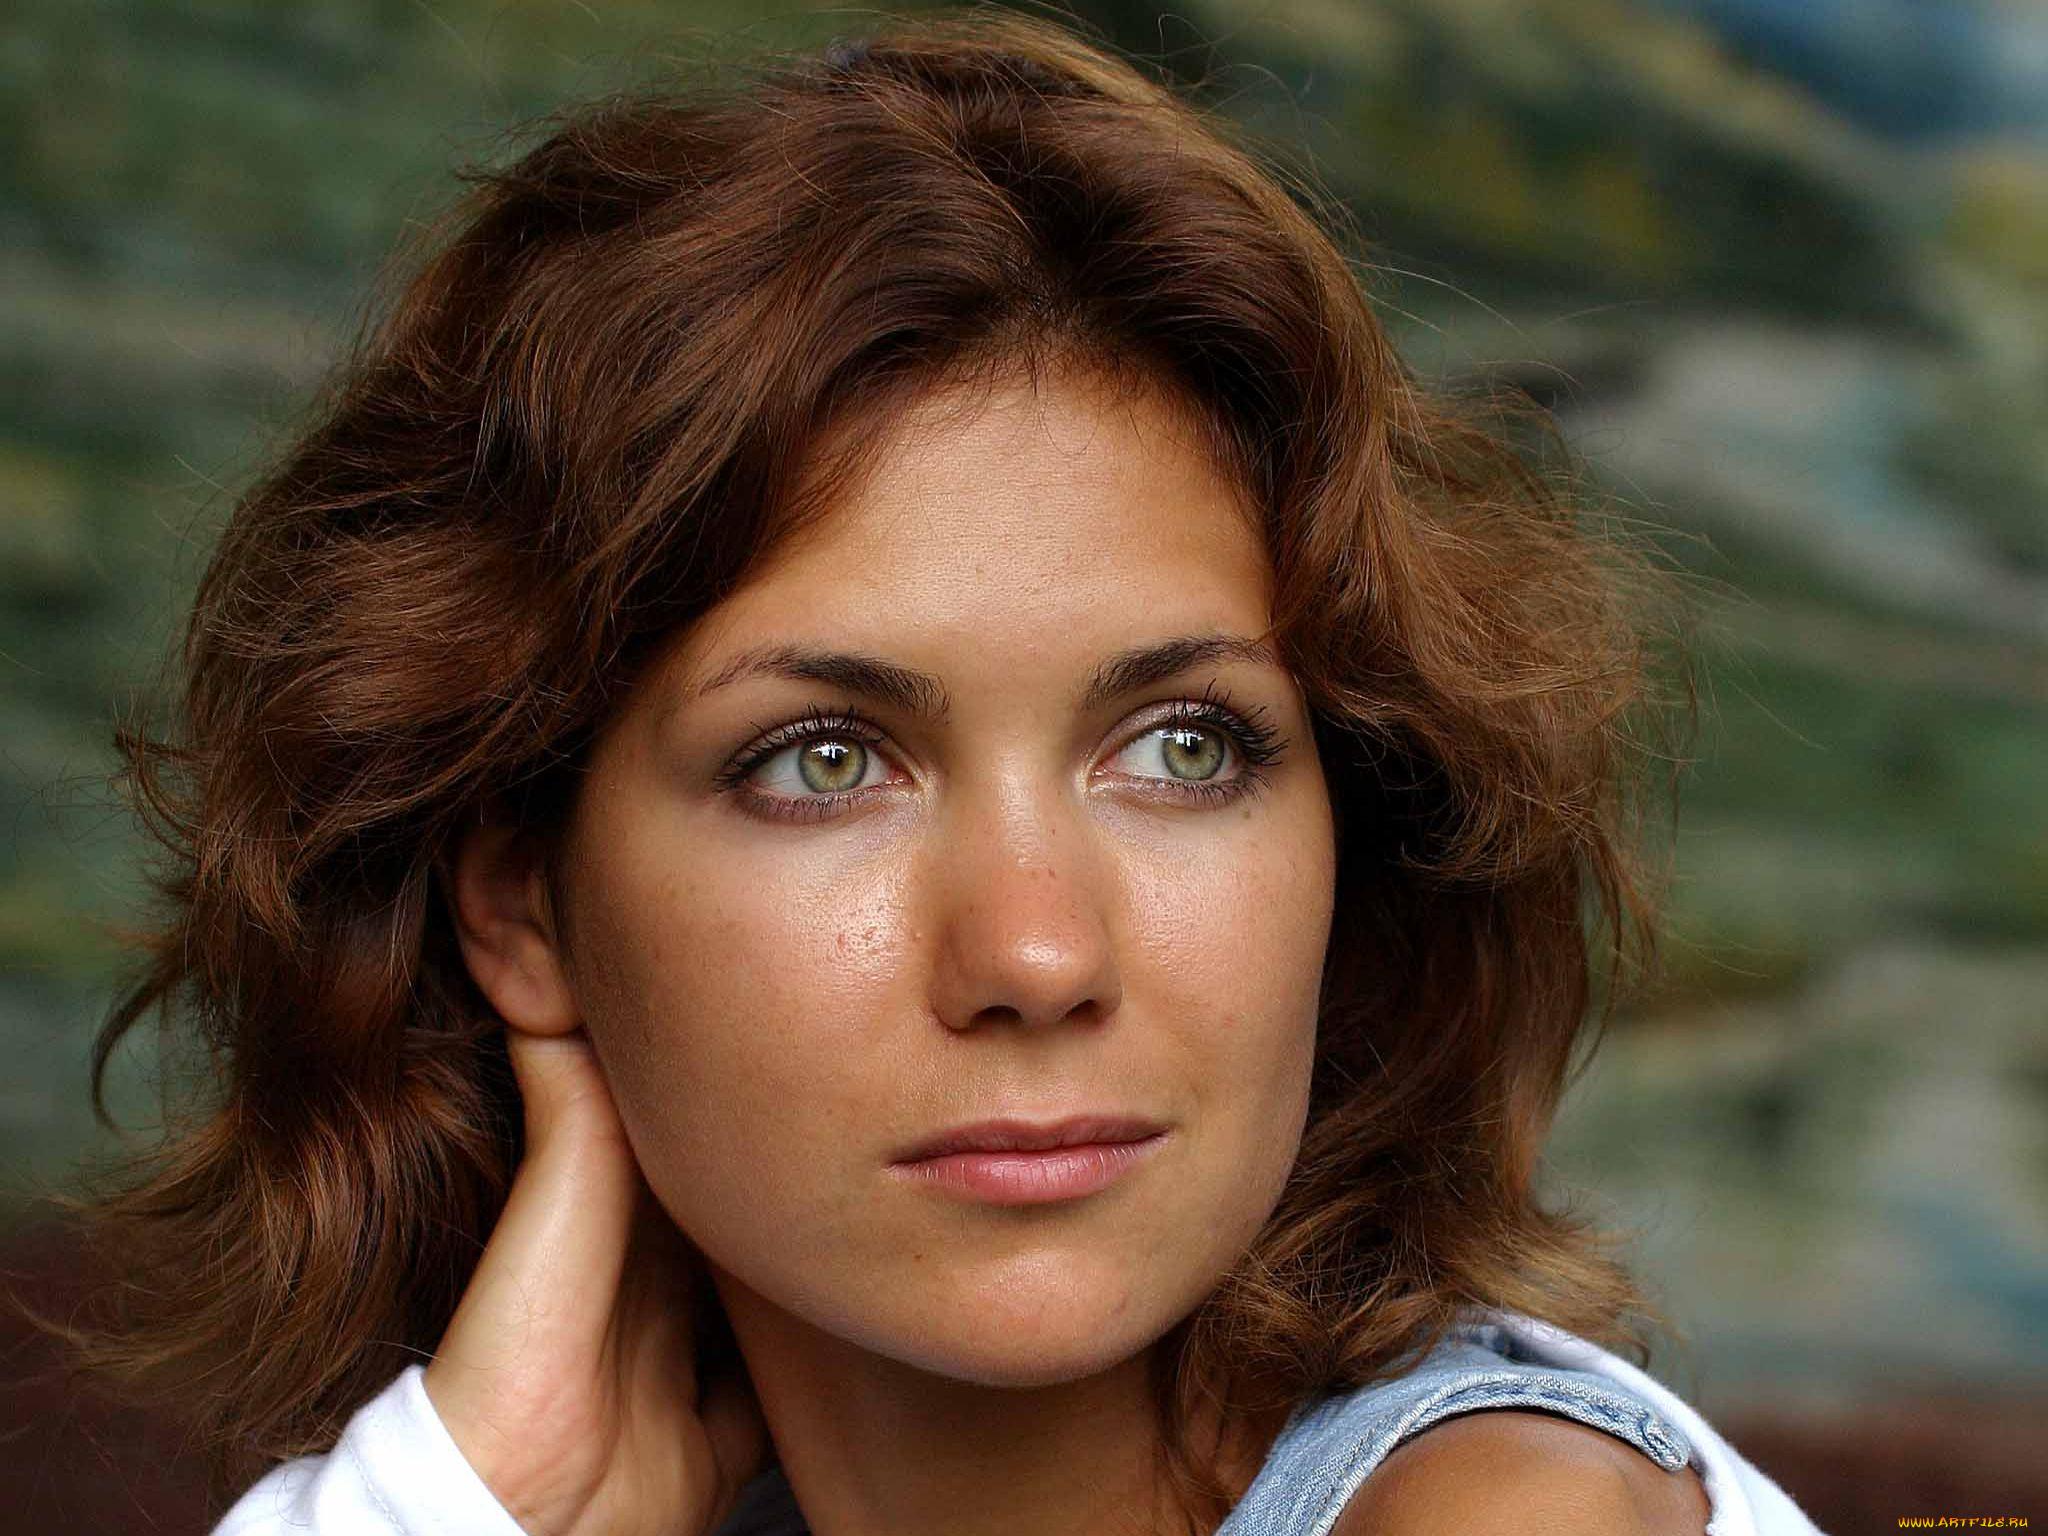 Фото актрис россии 18, Самые красивые актрисы России (Топ-30, фото) 13 фотография